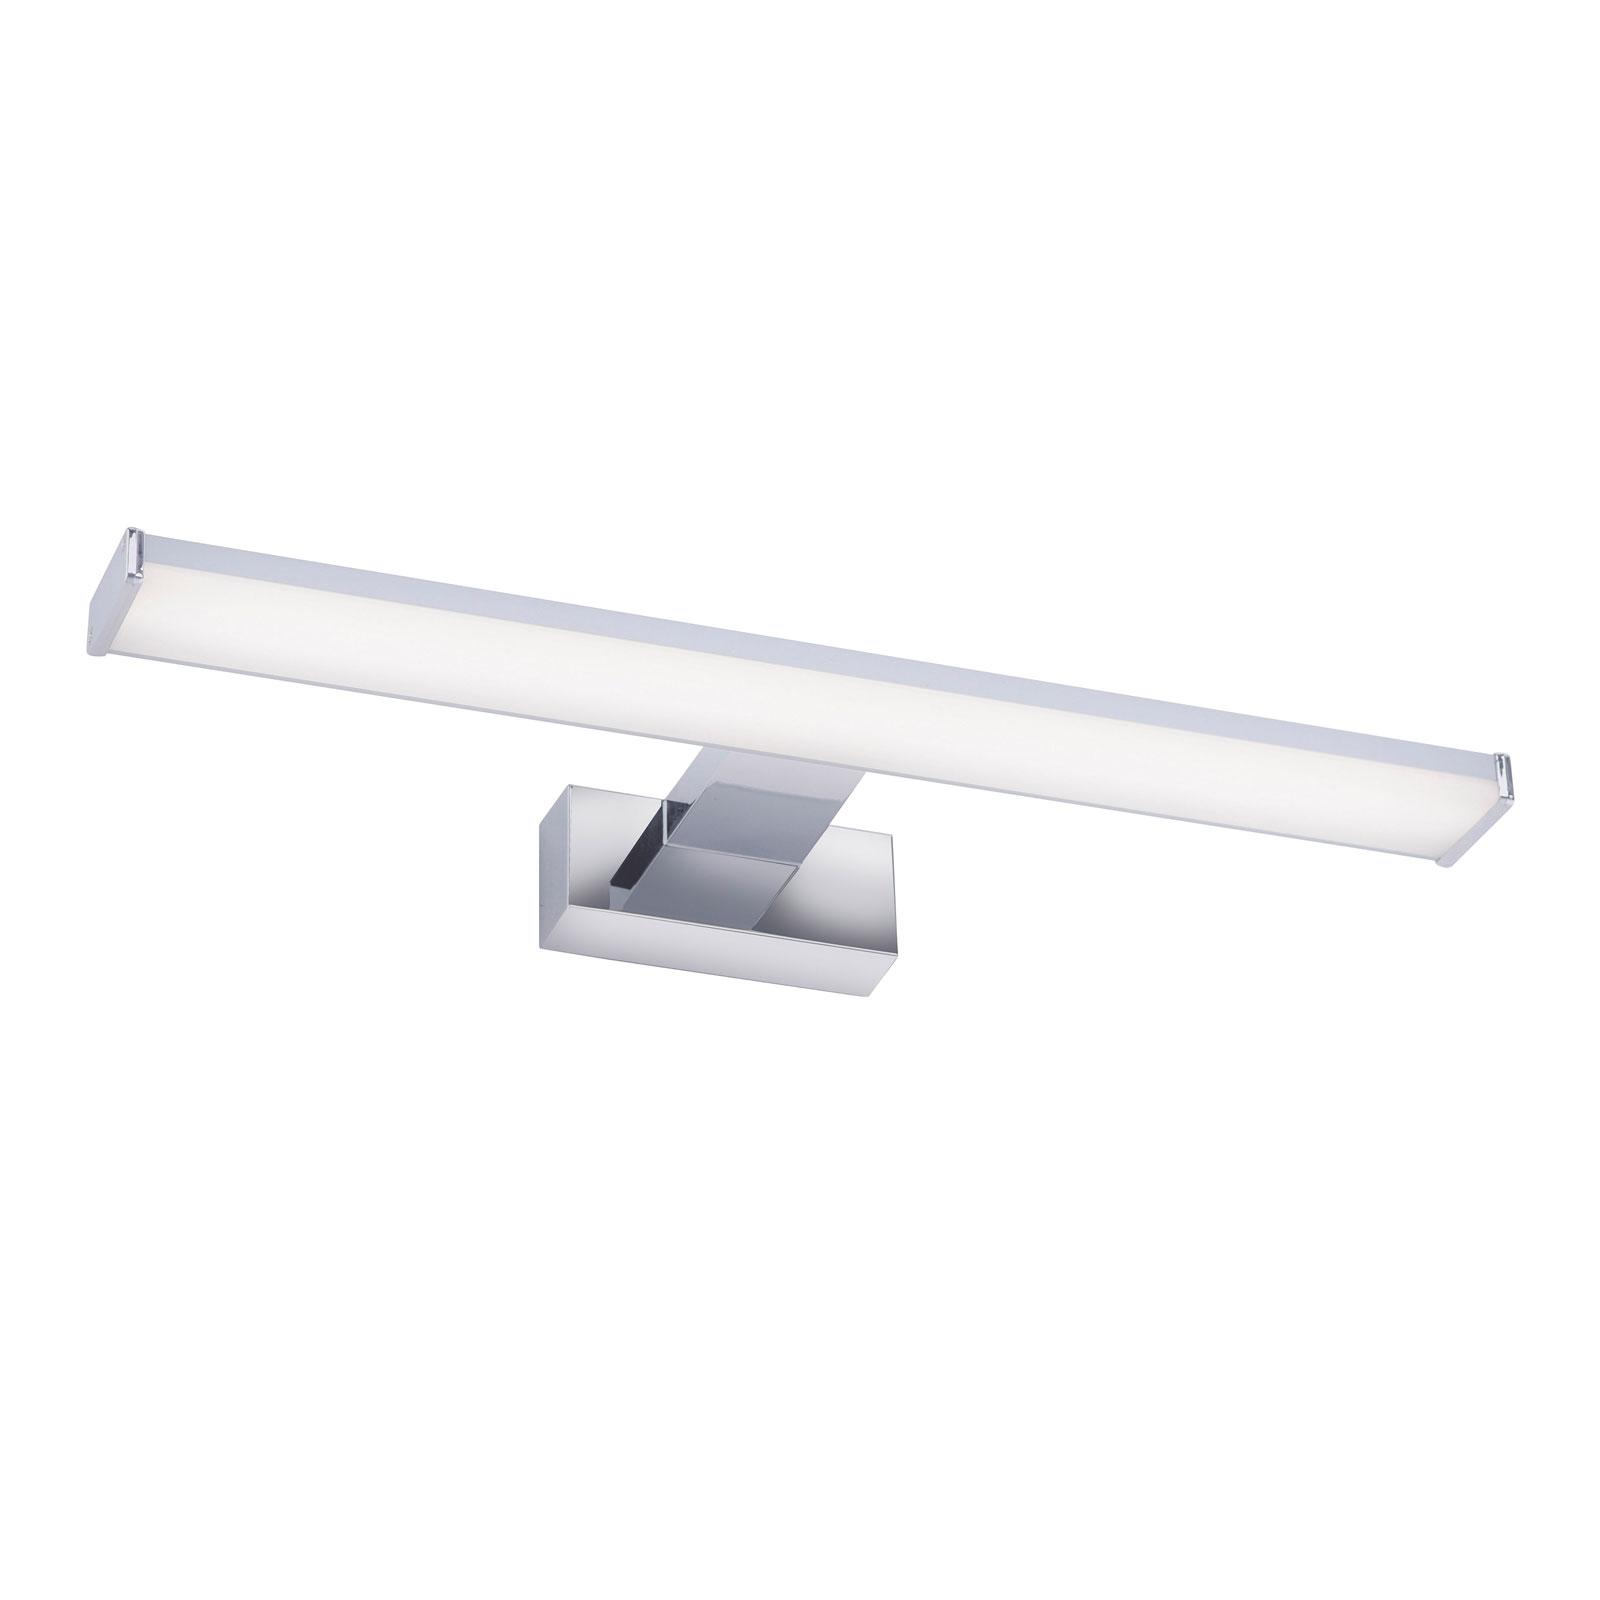 LED-spegellampa Mattis, 40 cm